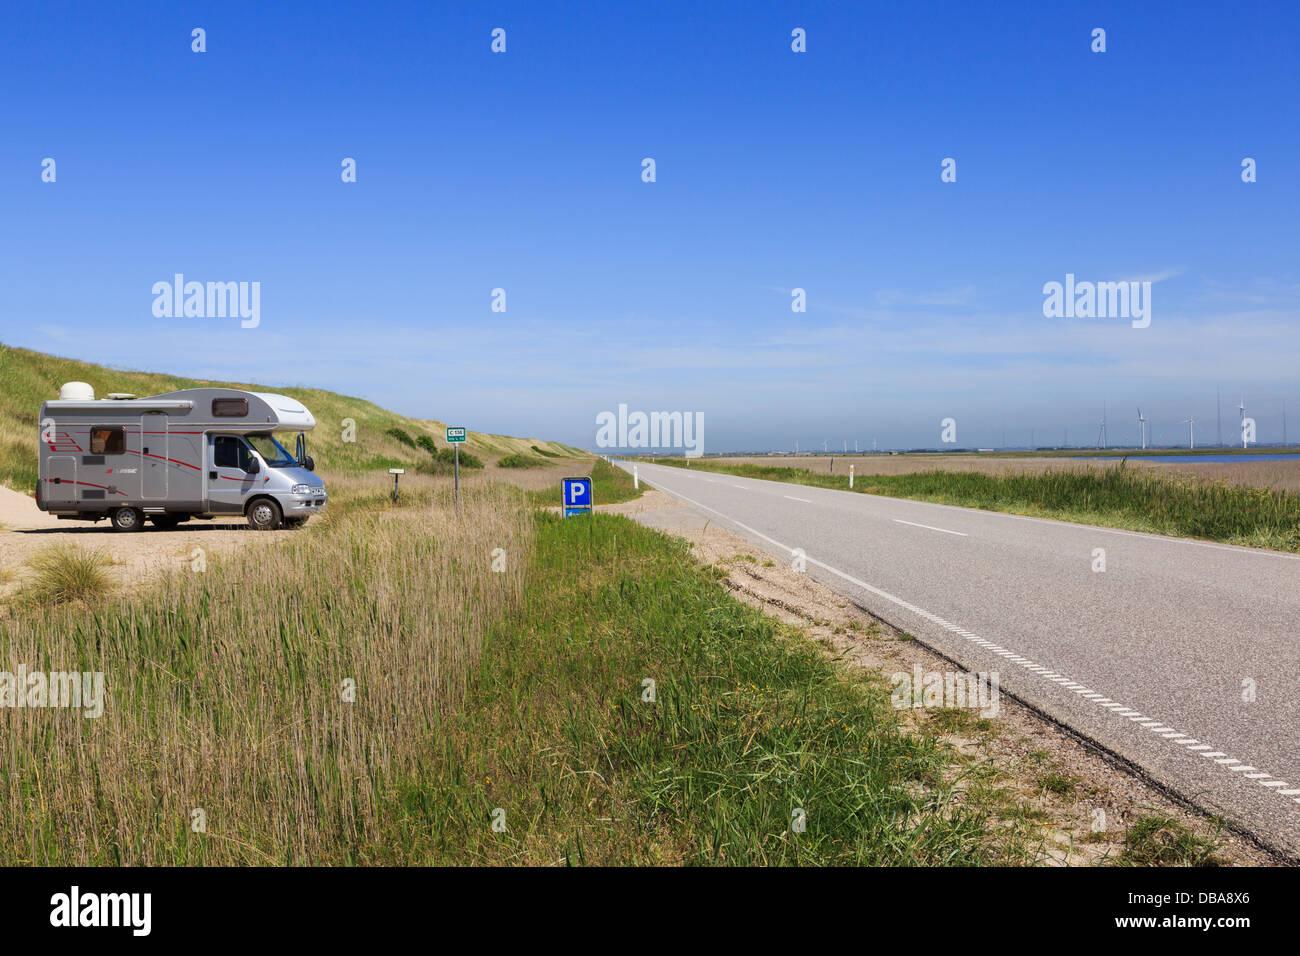 Autocaravana aparcada por una duna de arena junto a la carretera de la costa 181 sobre Bovling Klit istmo con vistas Bovling Fjord en el oeste de Jutlandia, Dinamarca Foto de stock